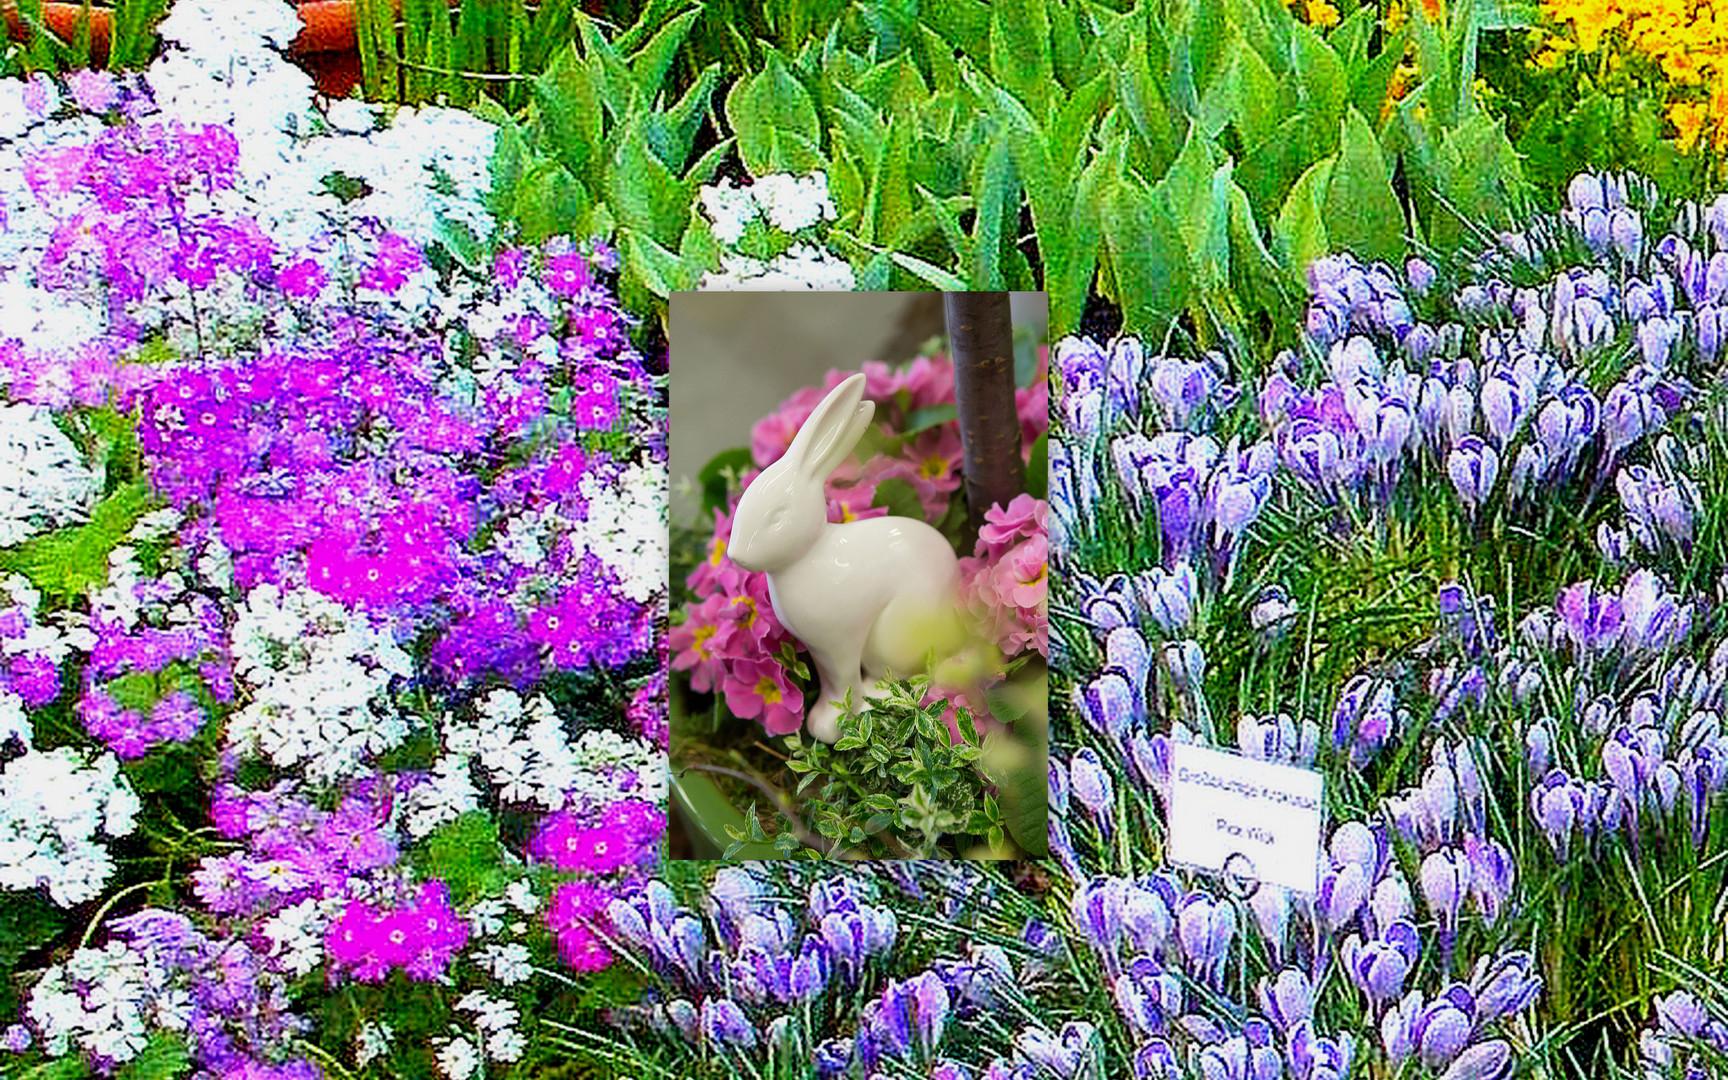 osterhase inmitten der frühlingsblumen foto & bild | blüten u